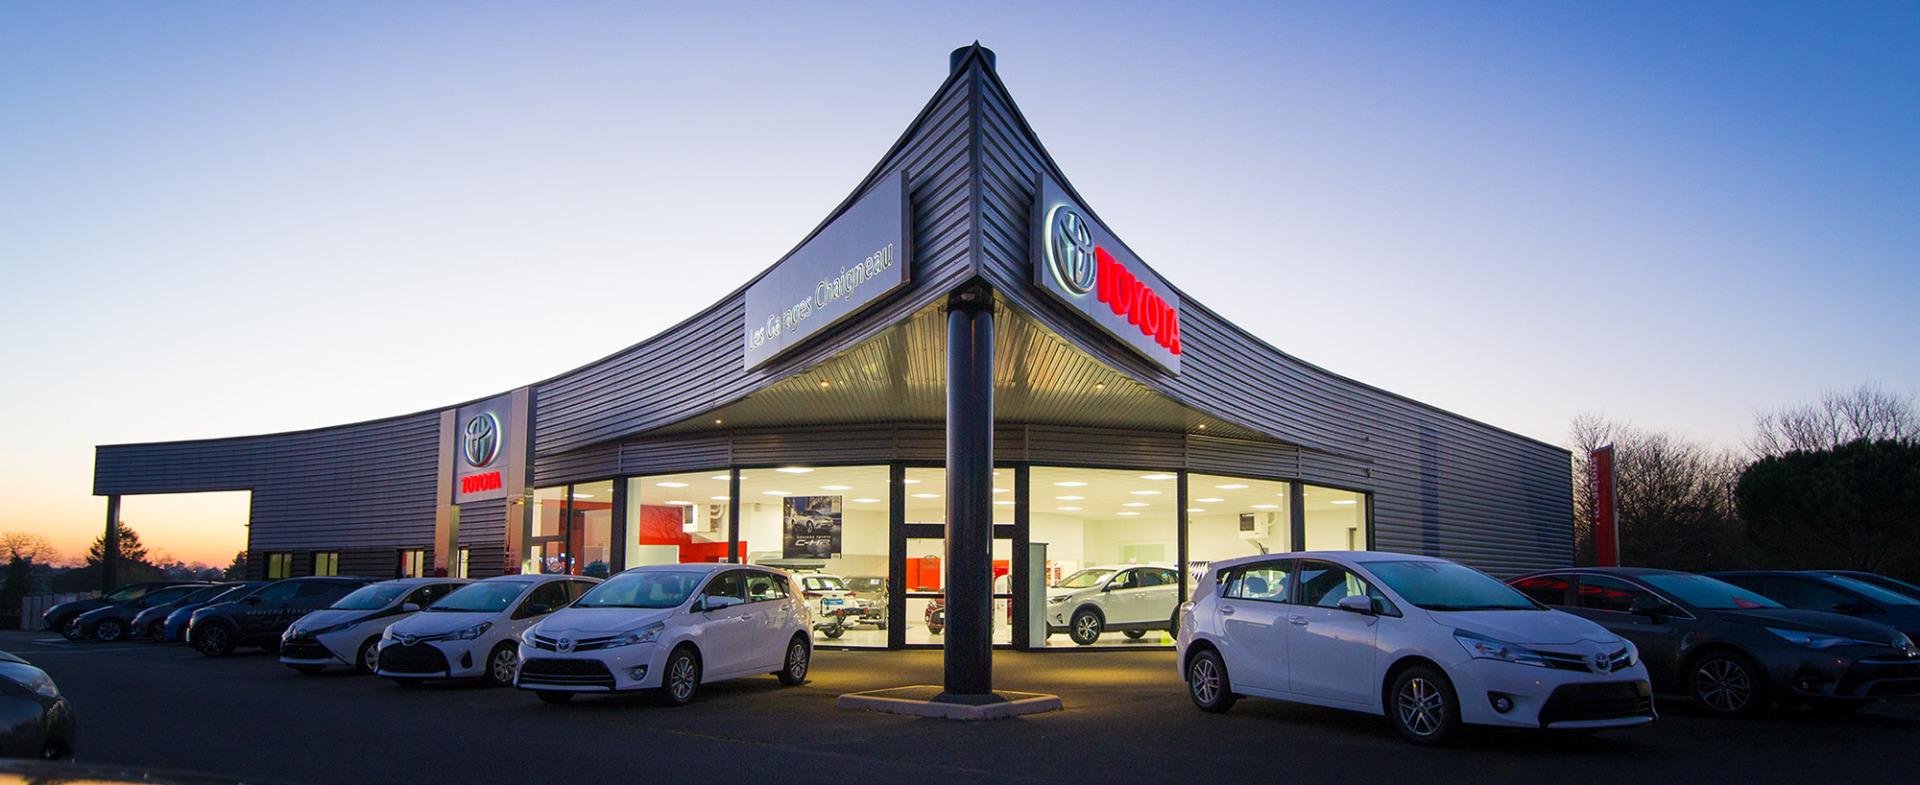 Concessionnaire toyota occasion id es d 39 image de voiture for Garage auto bobigny